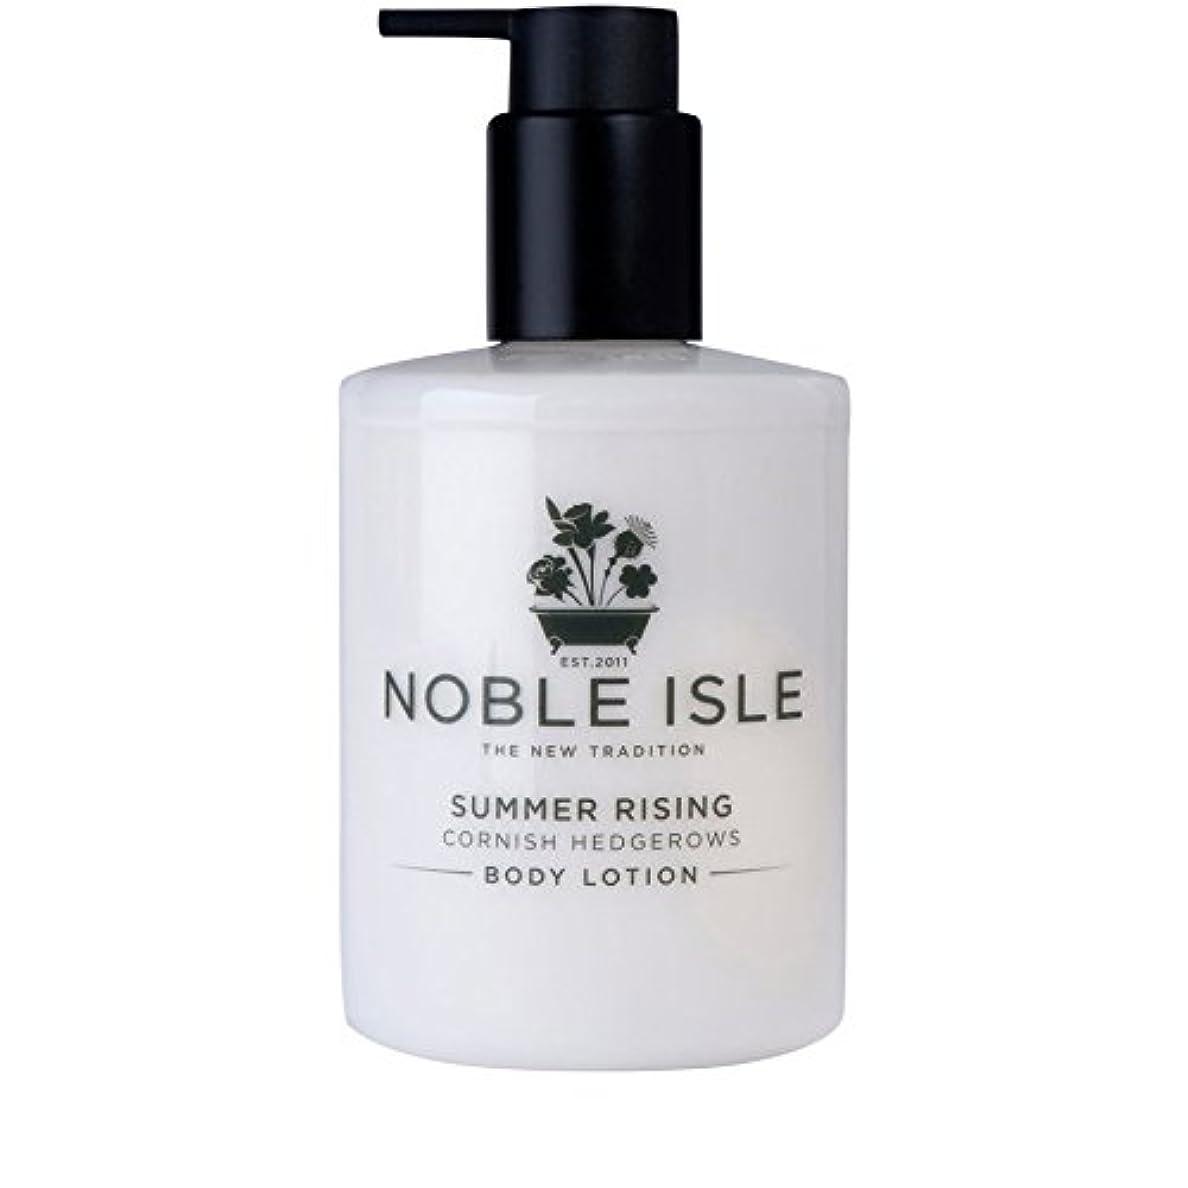 ジュラシックパークこしょう前文コーニッシュ生け垣ボディローション250ミリリットルを上昇高貴な島の夏 x4 - Noble Isle Summer Rising Cornish Hedgerows Body Lotion 250ml (Pack of...